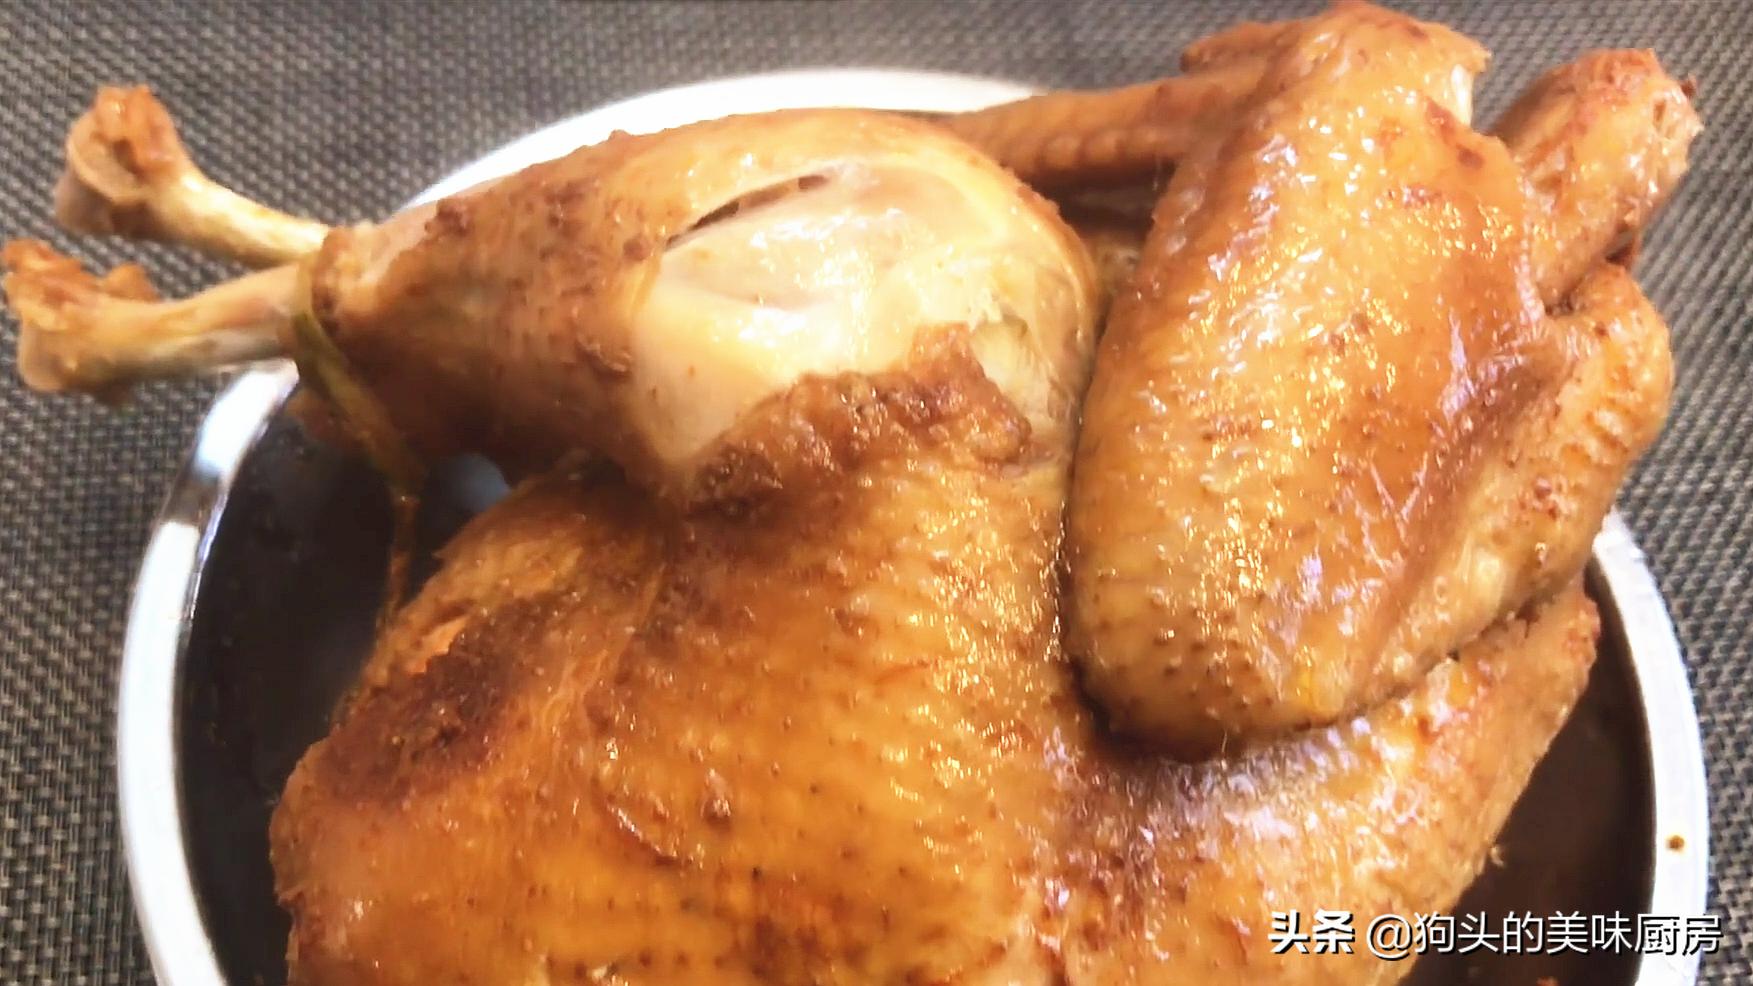 一整只鸡放入电饭煲,不加水不加油,出锅全家流口水,太香了 美食做法 第1张